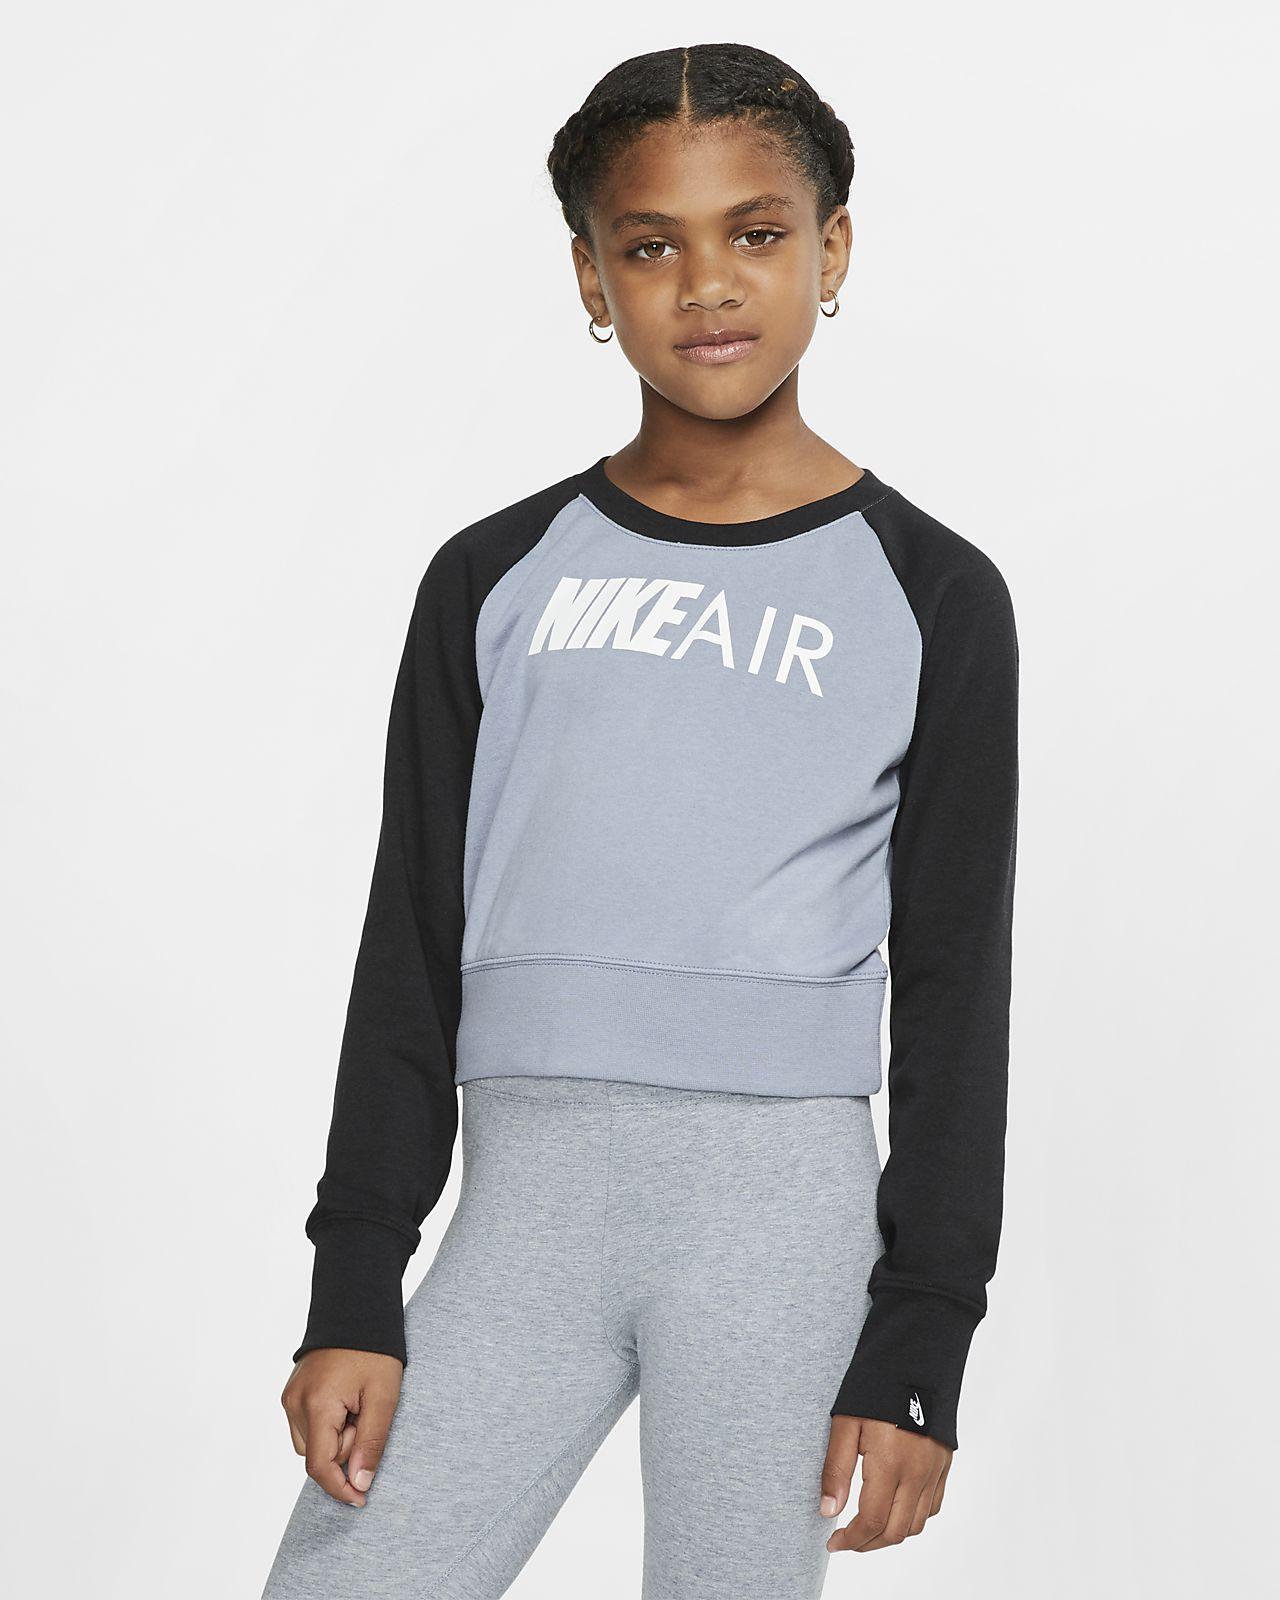 Nike Air kerek nyakkivágású pulóver nagyobb gyerekeknek (lányok)